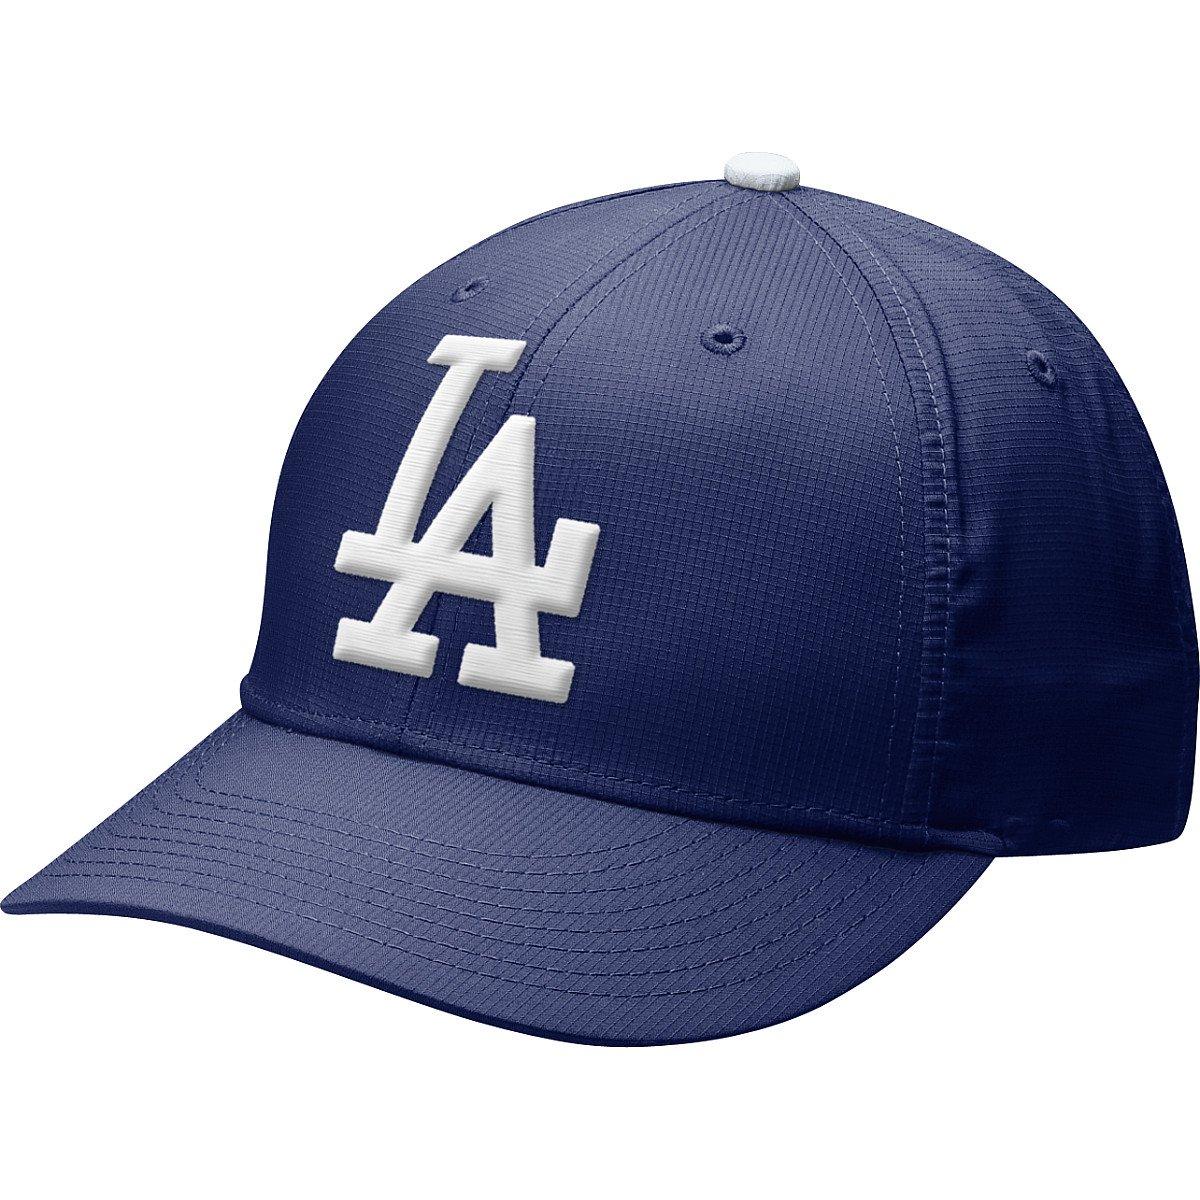 Amazon.com   Nike MLB L.A. Dodgers Dri-FIT Practice Adjustable Hat ... 7fb9a4b4f7b